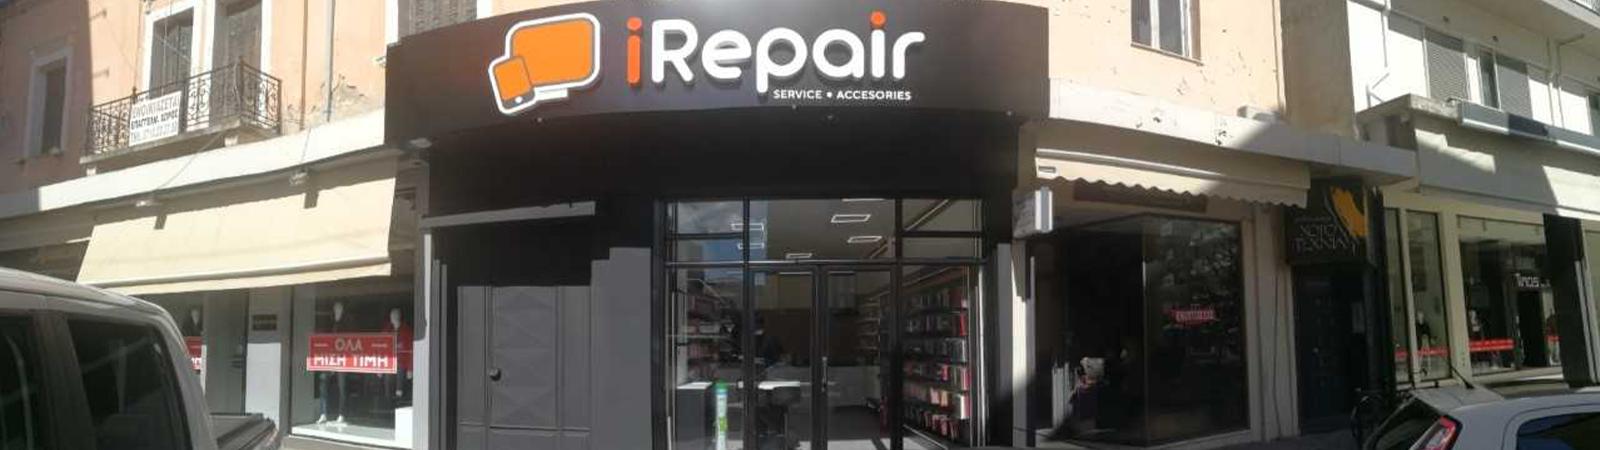 iRepair Τρίπολη